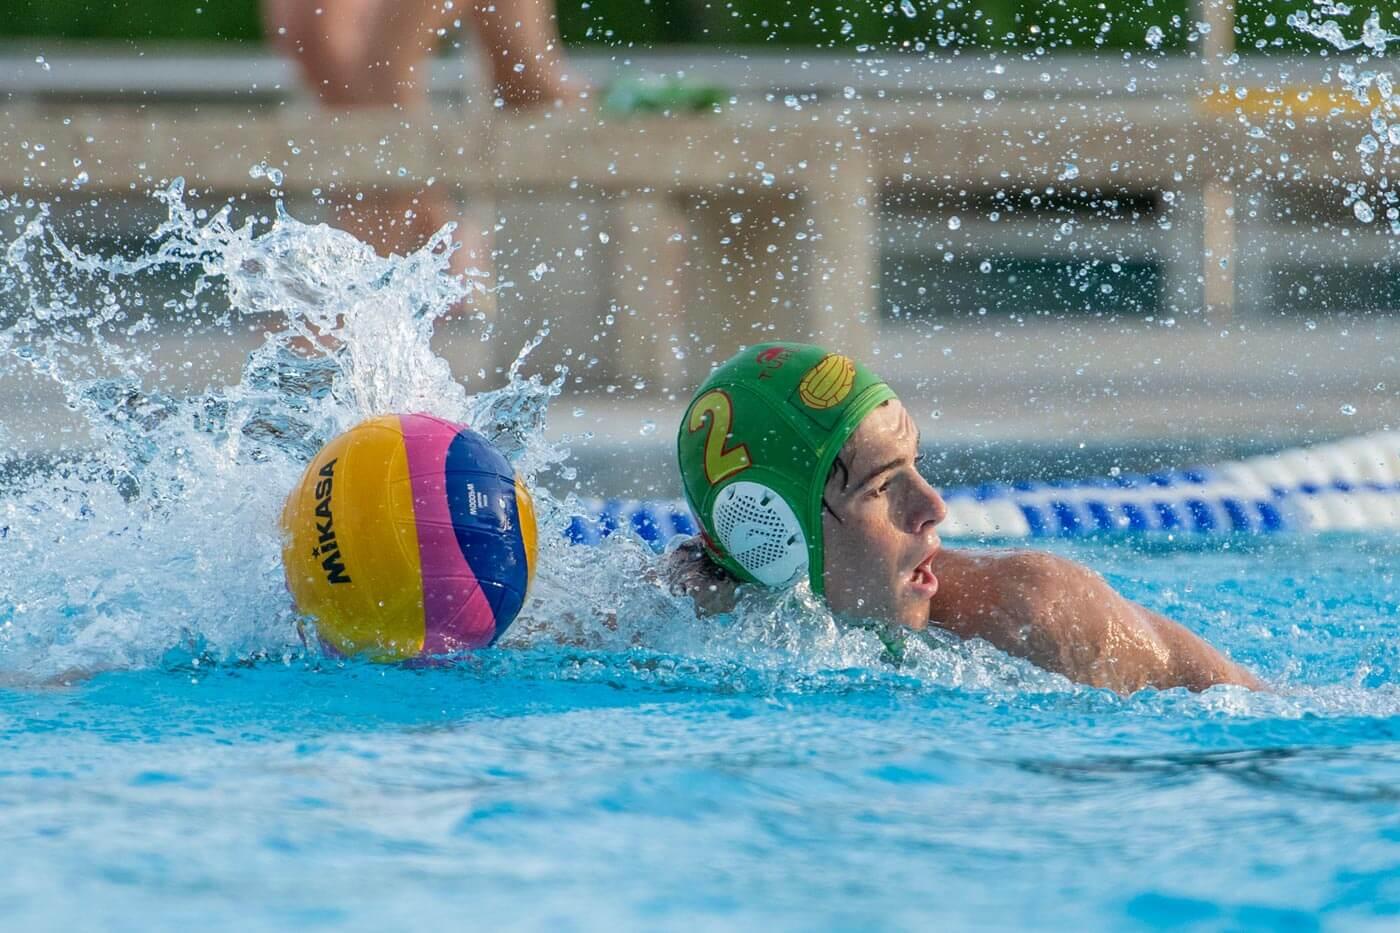 Carouge Natation - Water-polo pour tous